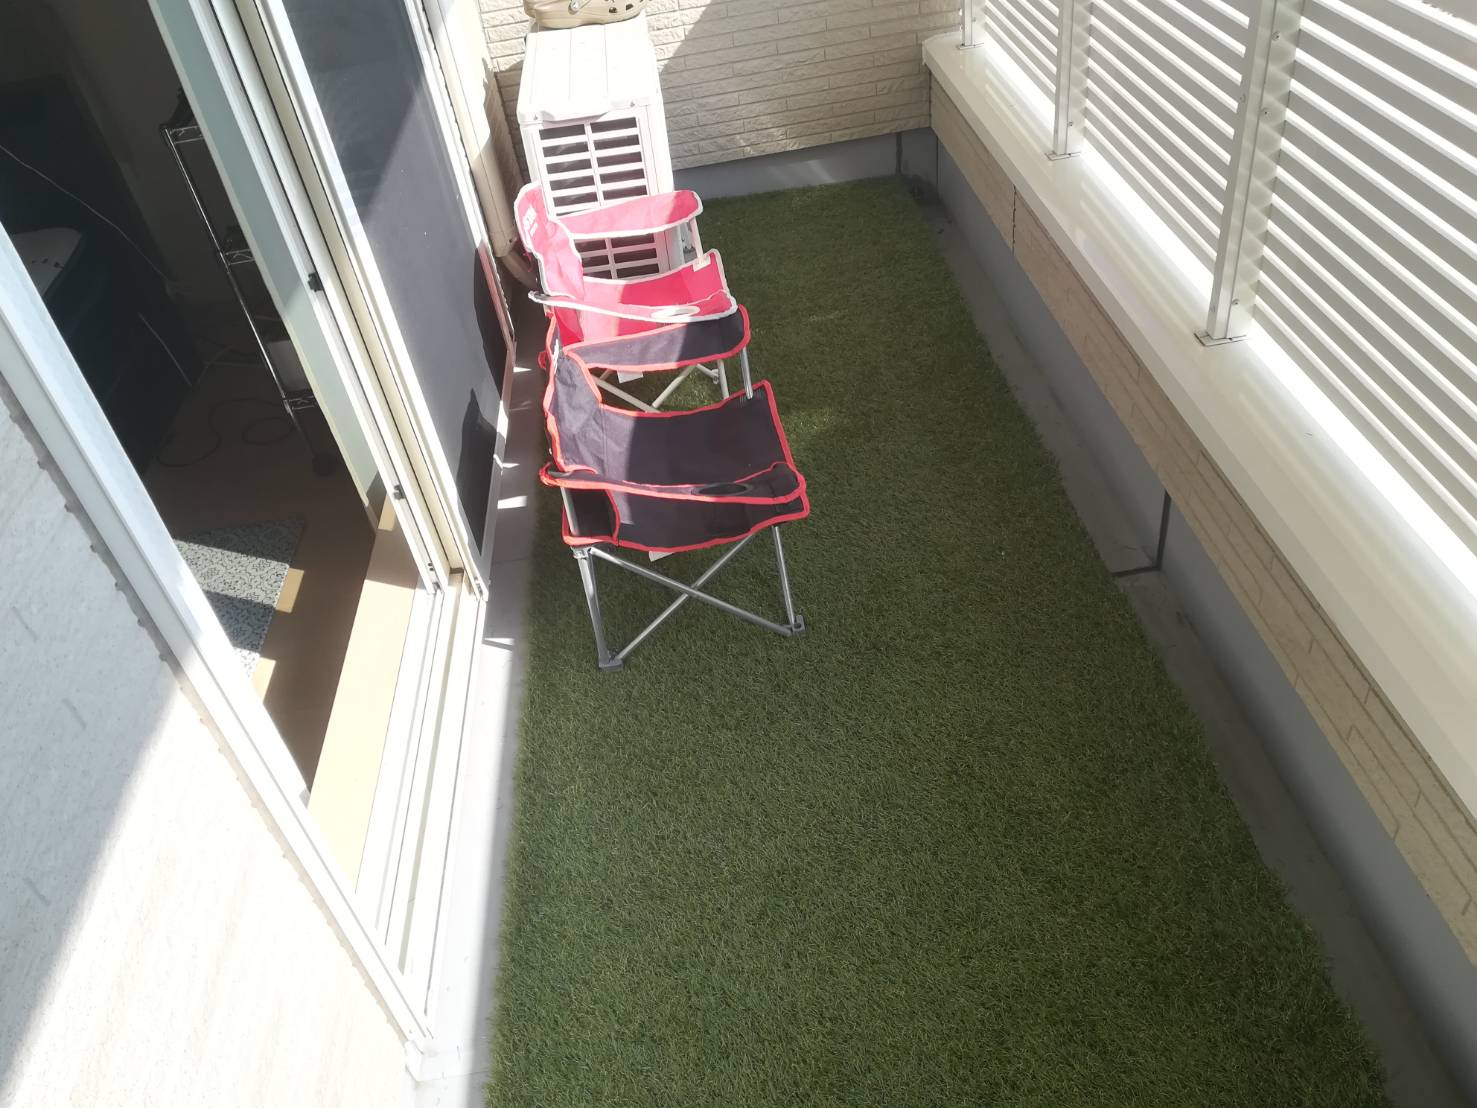 ベランダ(バルコニー)に人工芝を張ってみた!≪いざベランピングの道へ!×人工芝の選び方×DIY≫